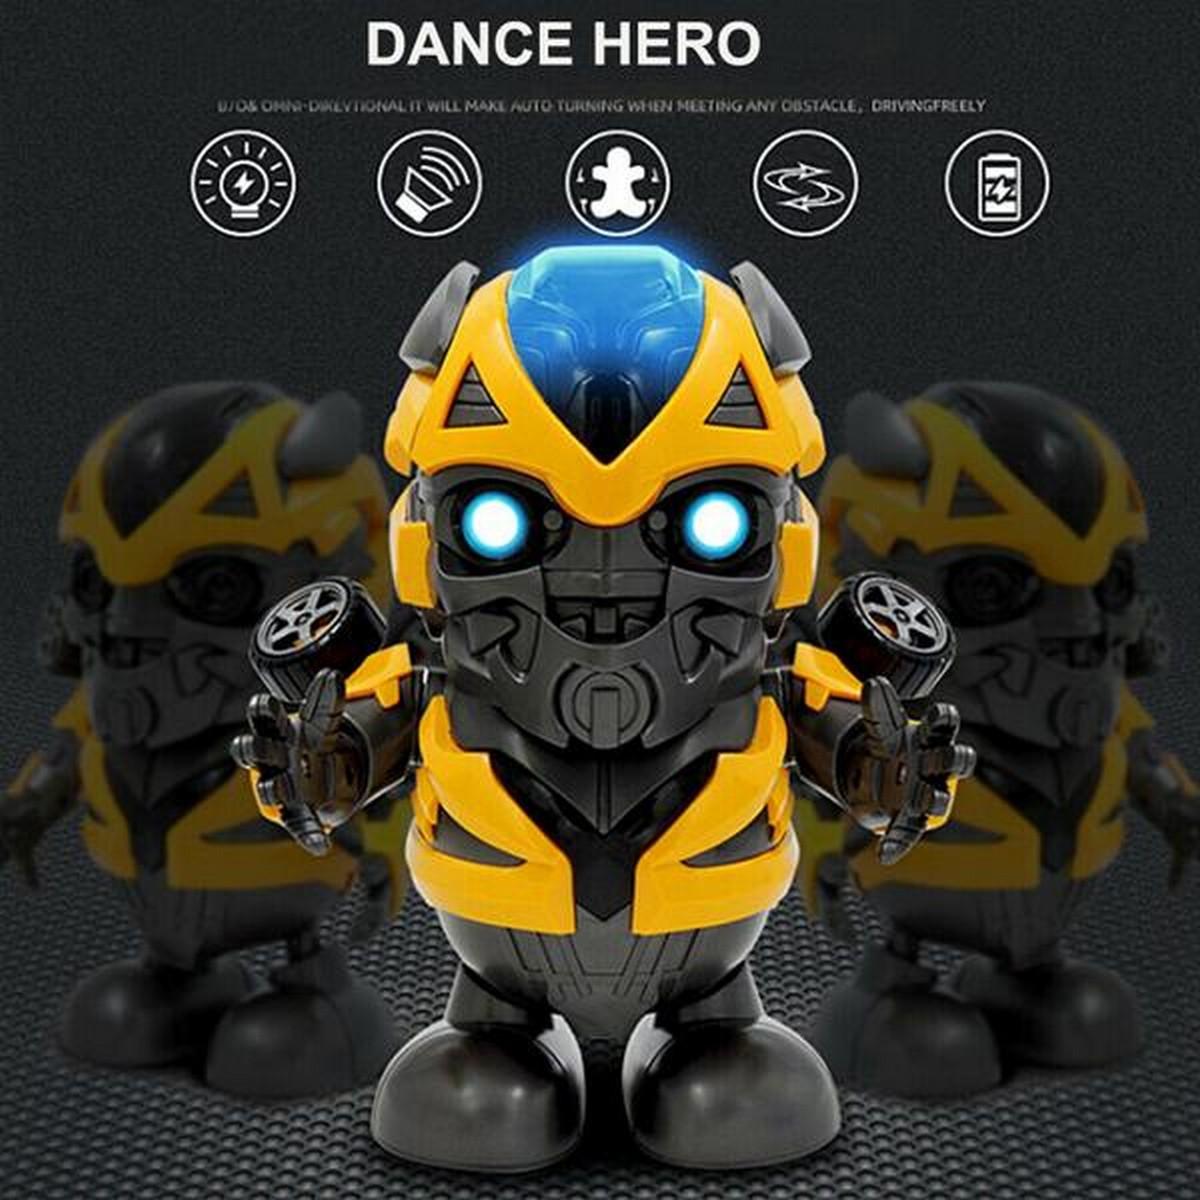 Amazing Dance Hero Robot